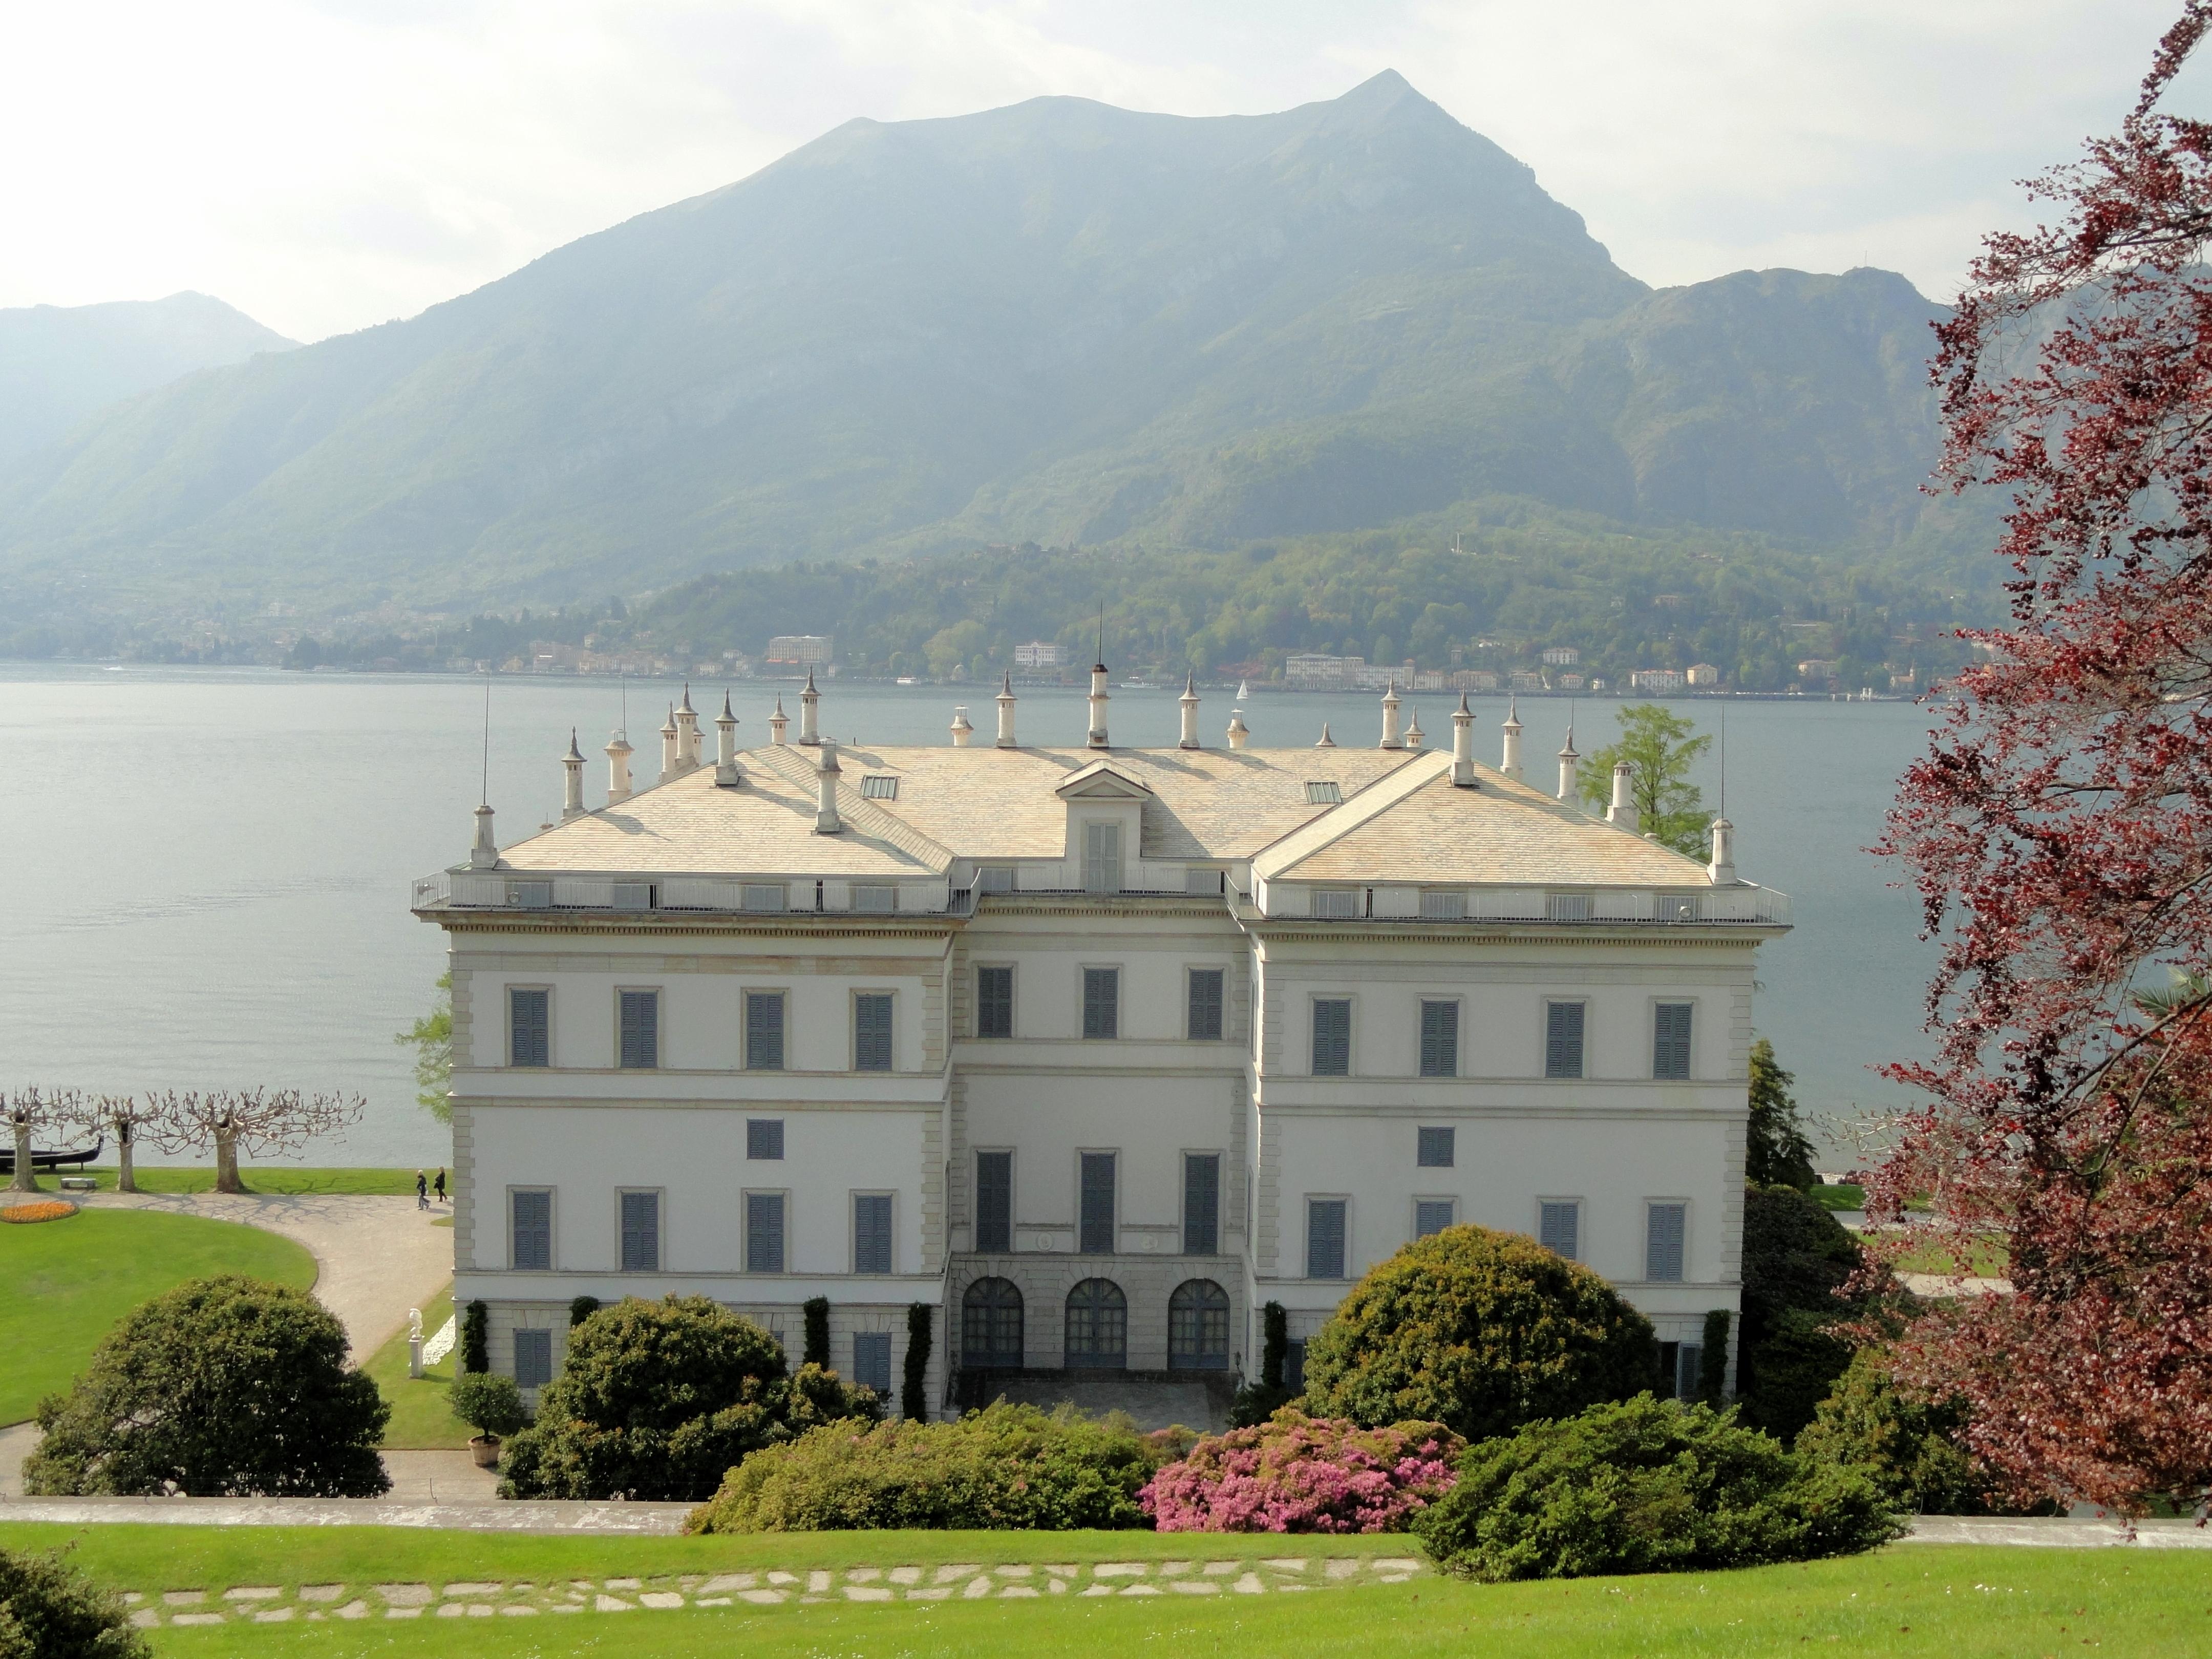 Villa Melzi Bellagio Visite Costo Ingresso